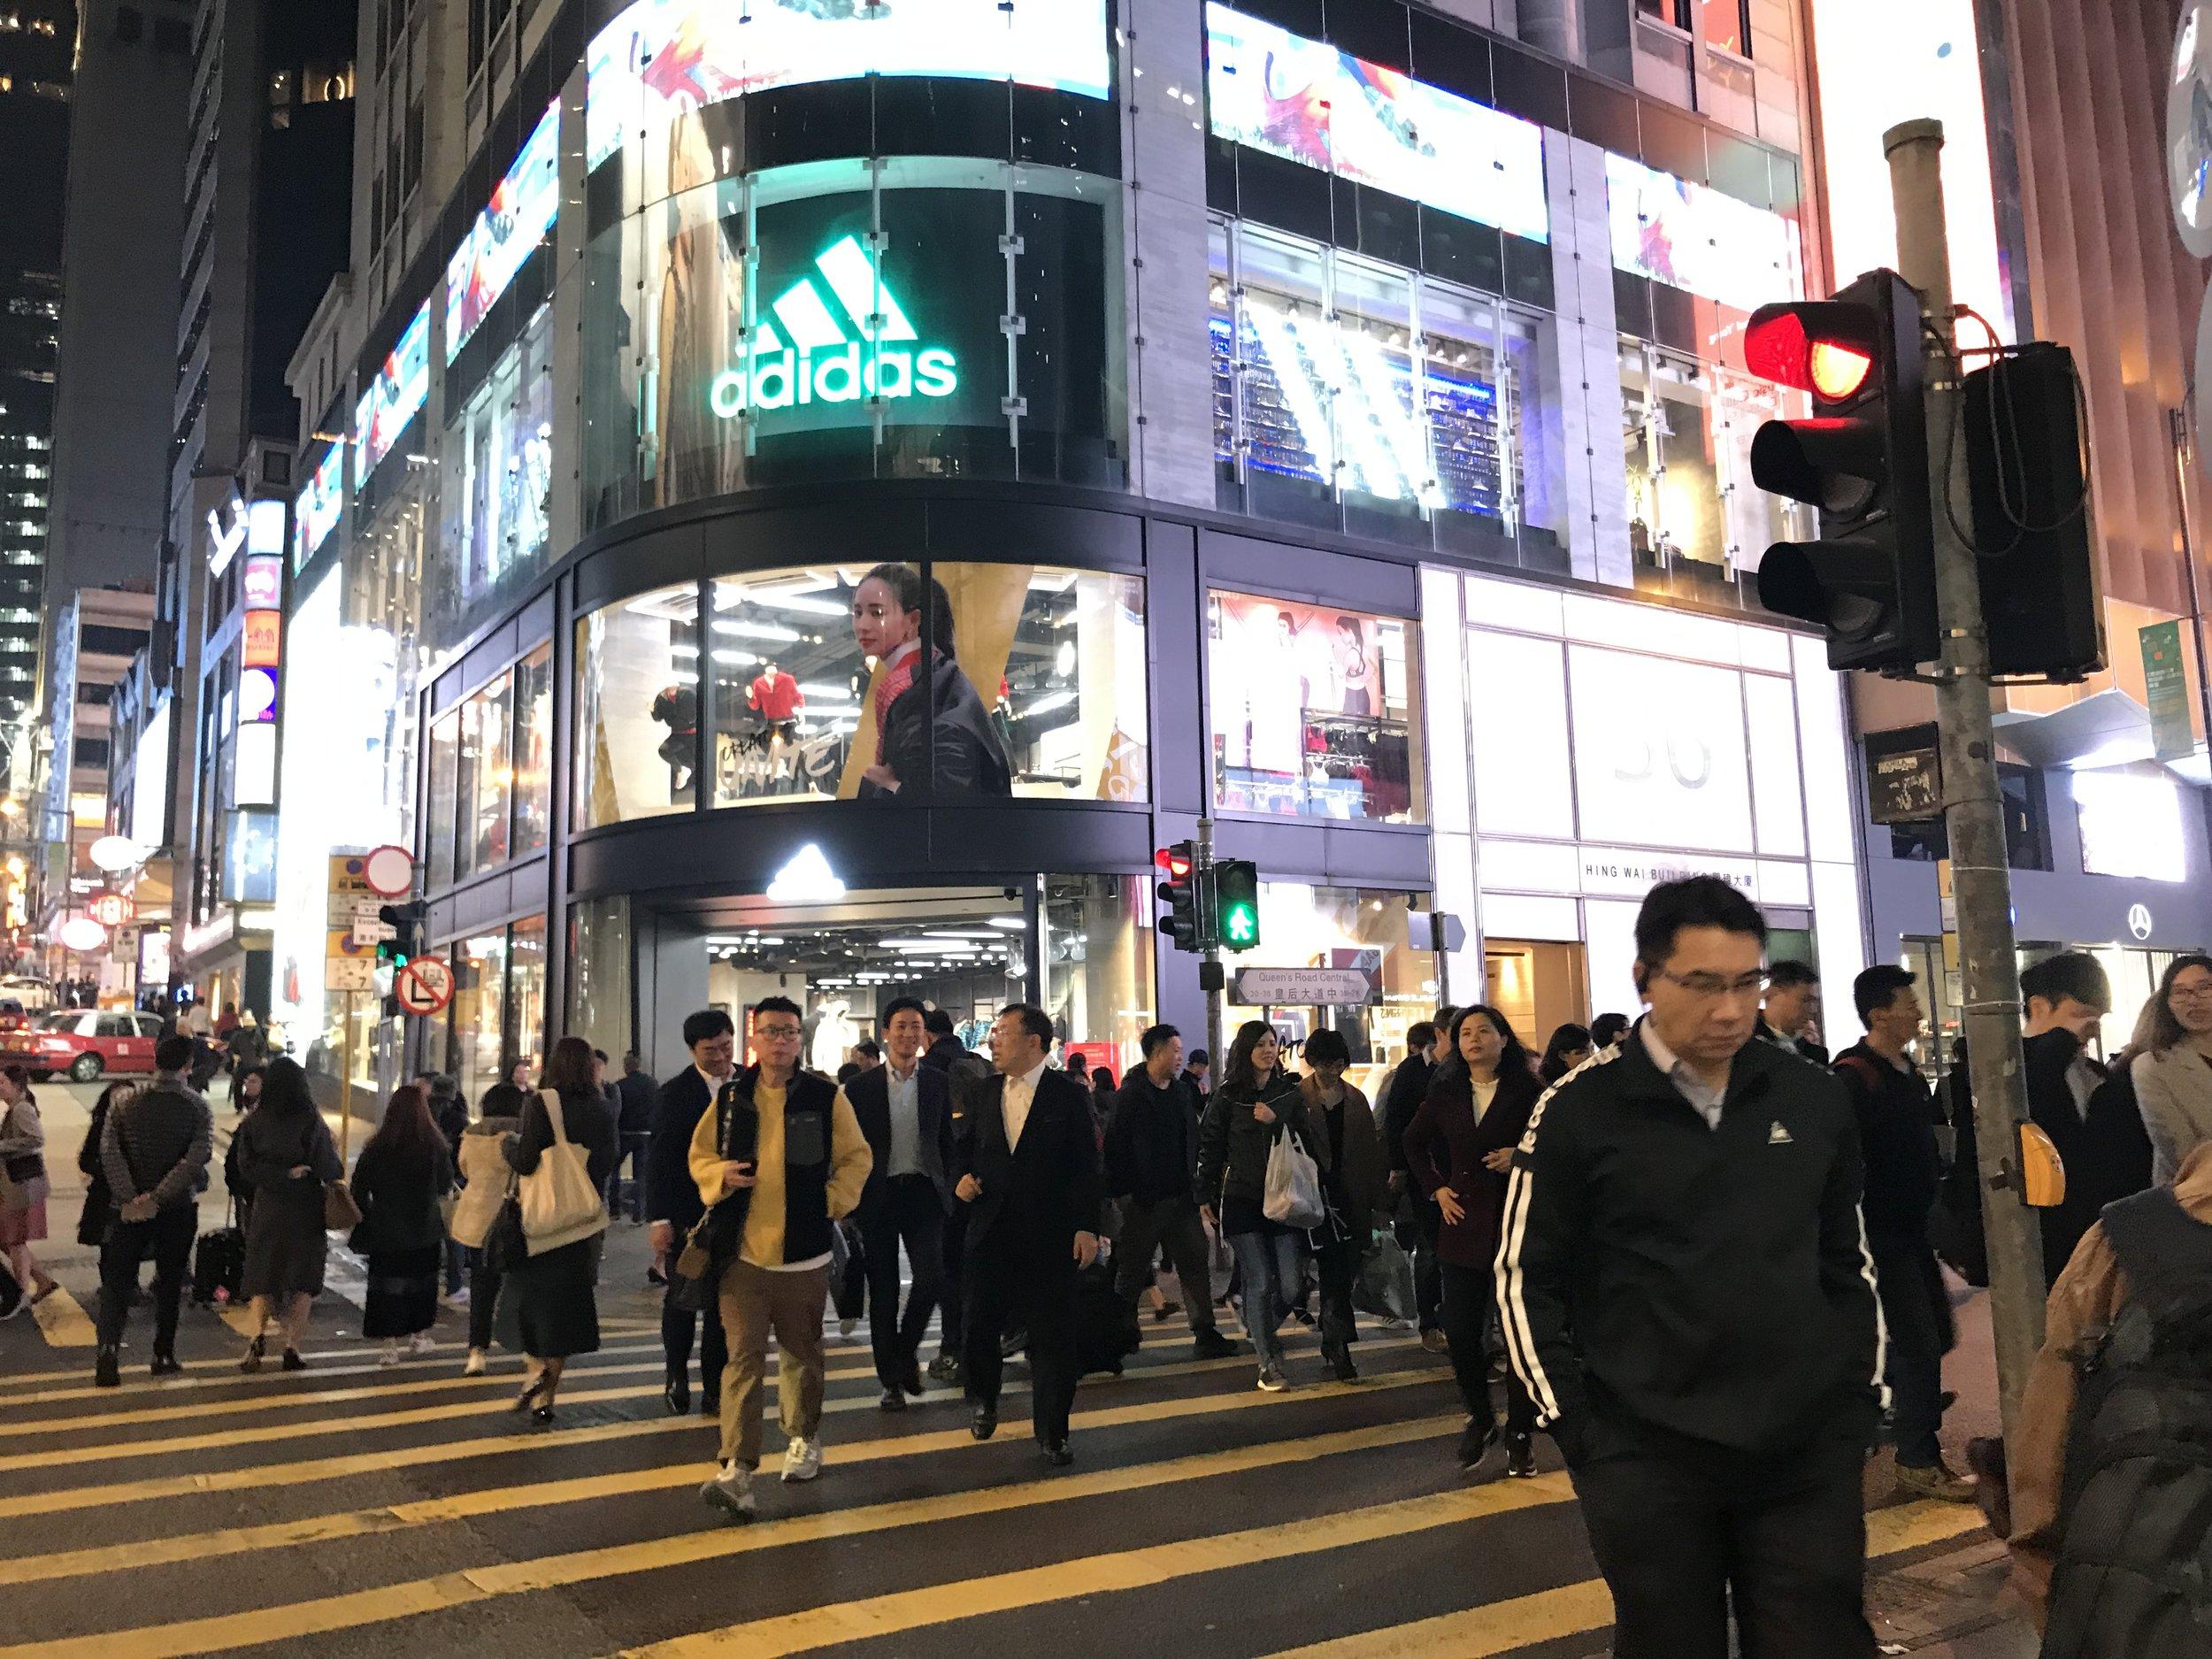 Đảo Hong Kong sống động về đêm dưới ánh đèn và khách du lịch cùng người dân hòa trong đoàn người đi mua sắm.